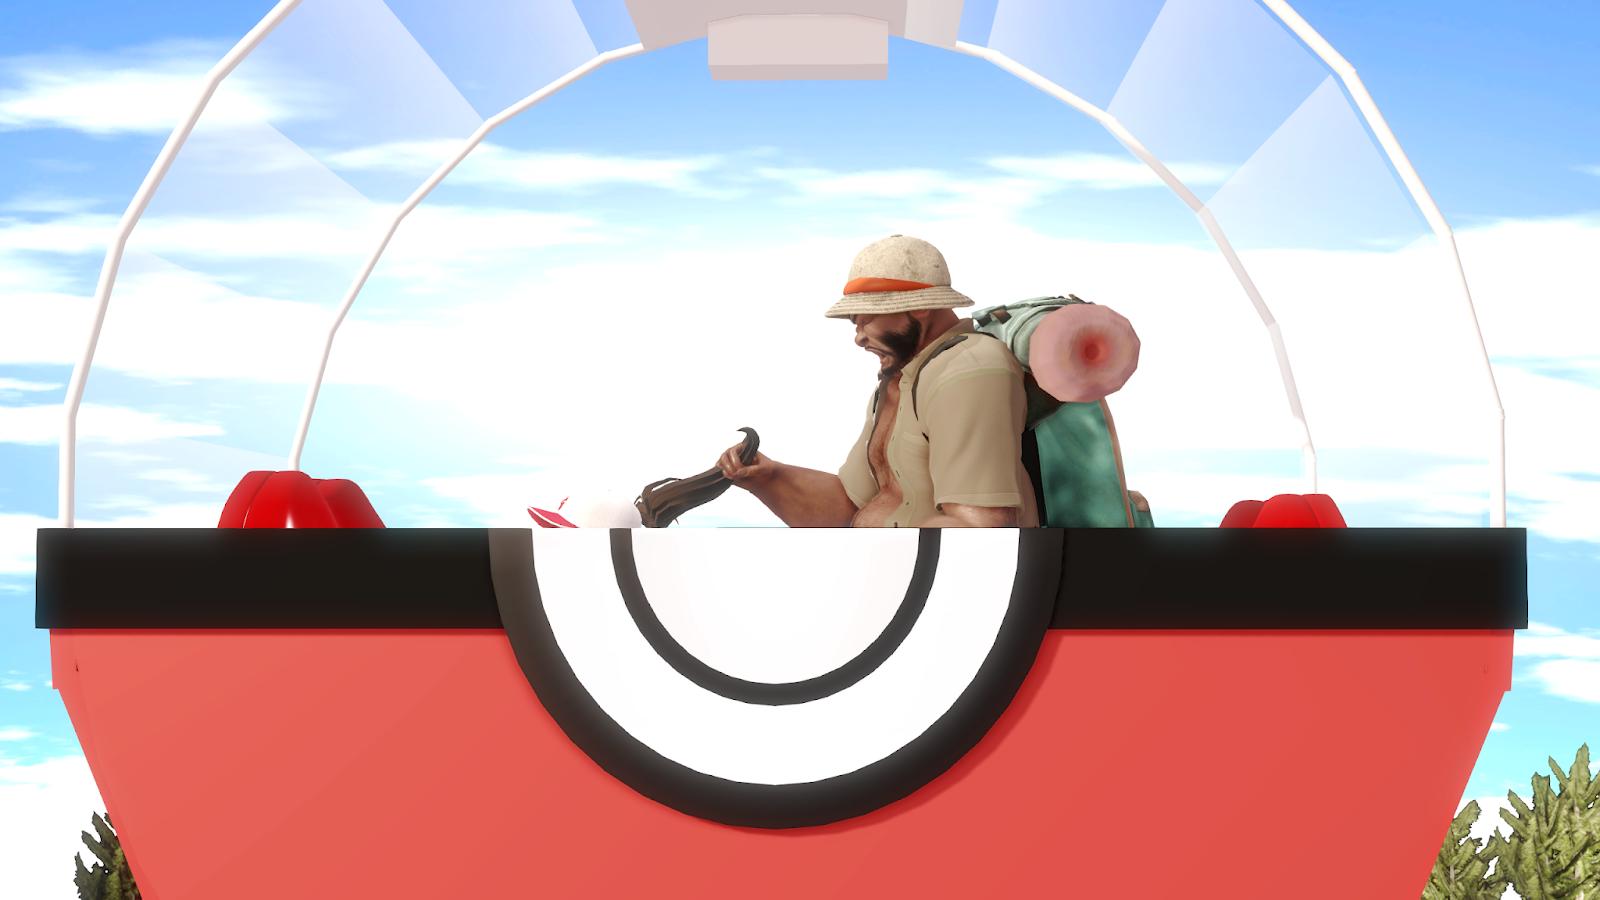 [ㅇㅎ] 포켓몬스터 - 한여름의 대 관람차 1편